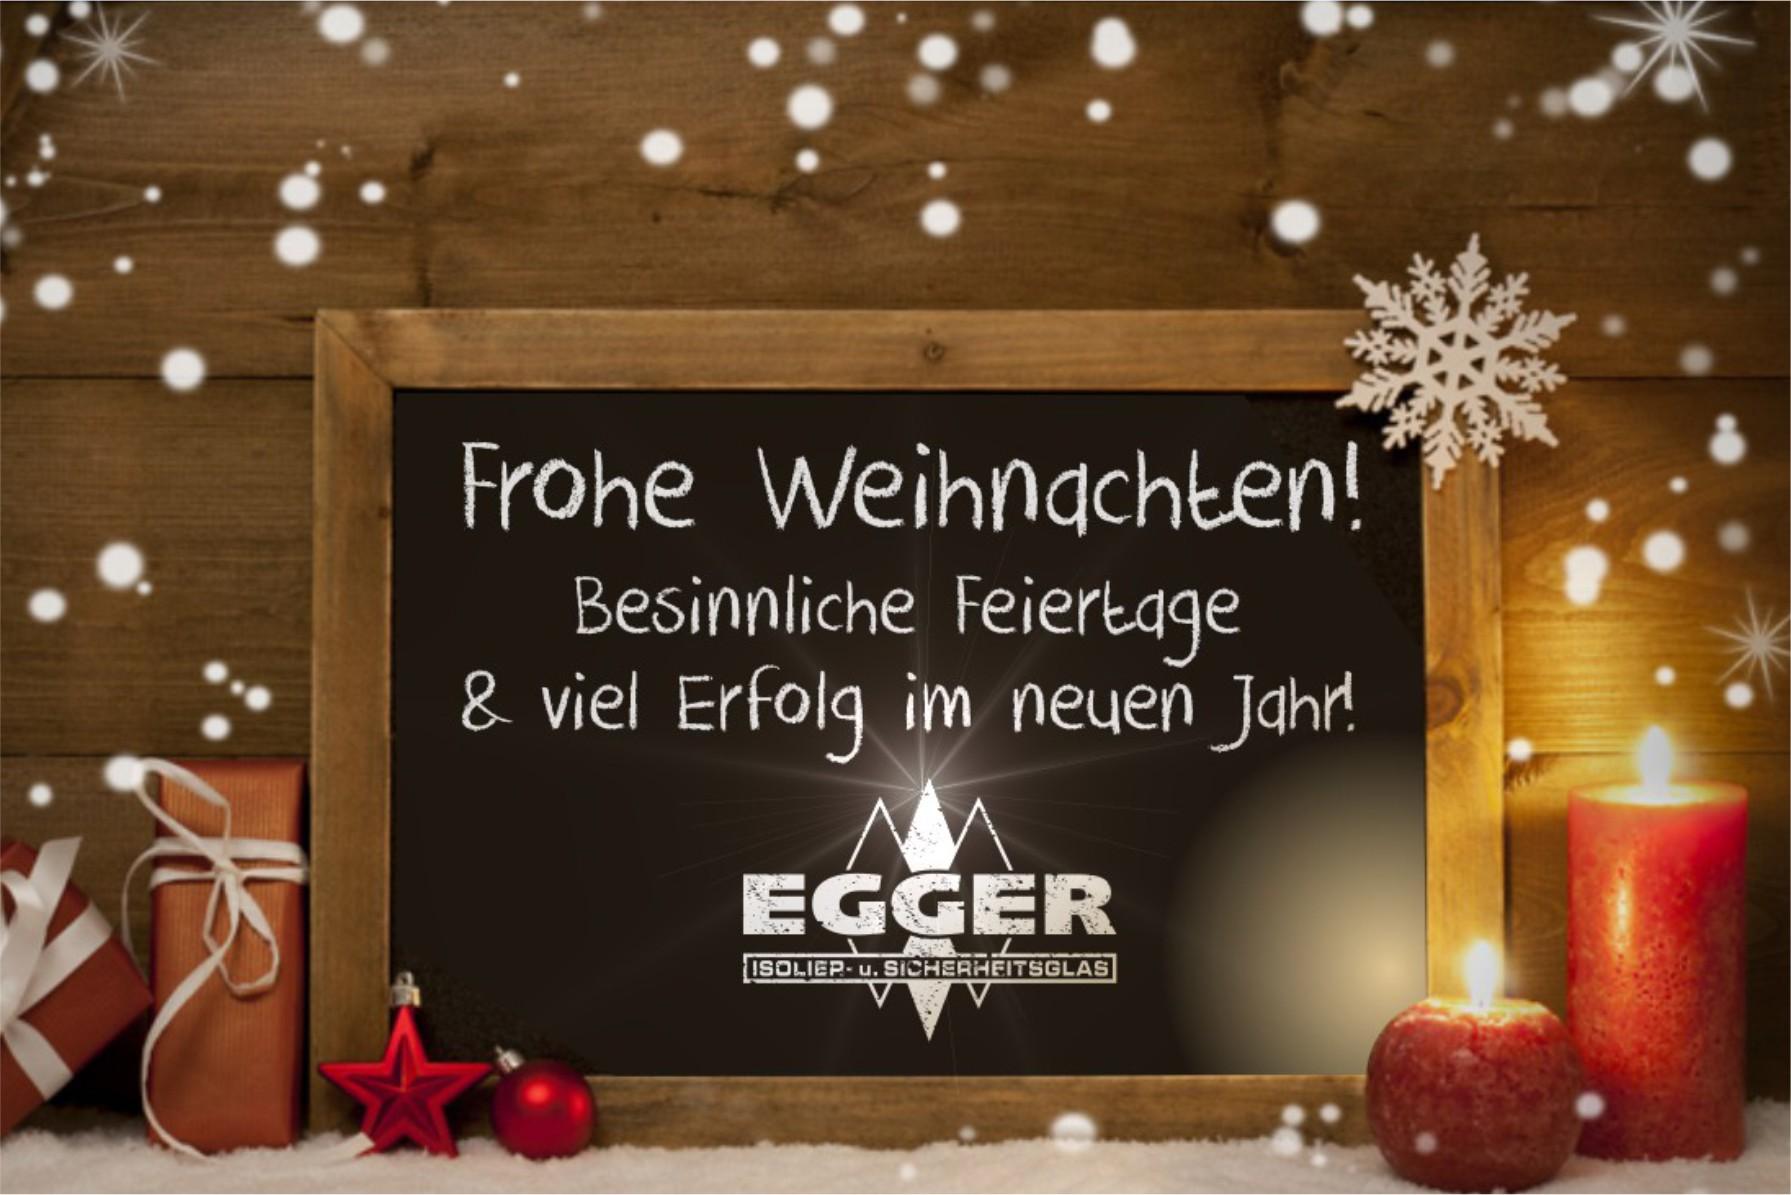 Frohe Weihnachten Besinnlich.Frohe Weihnachten Egger Glas